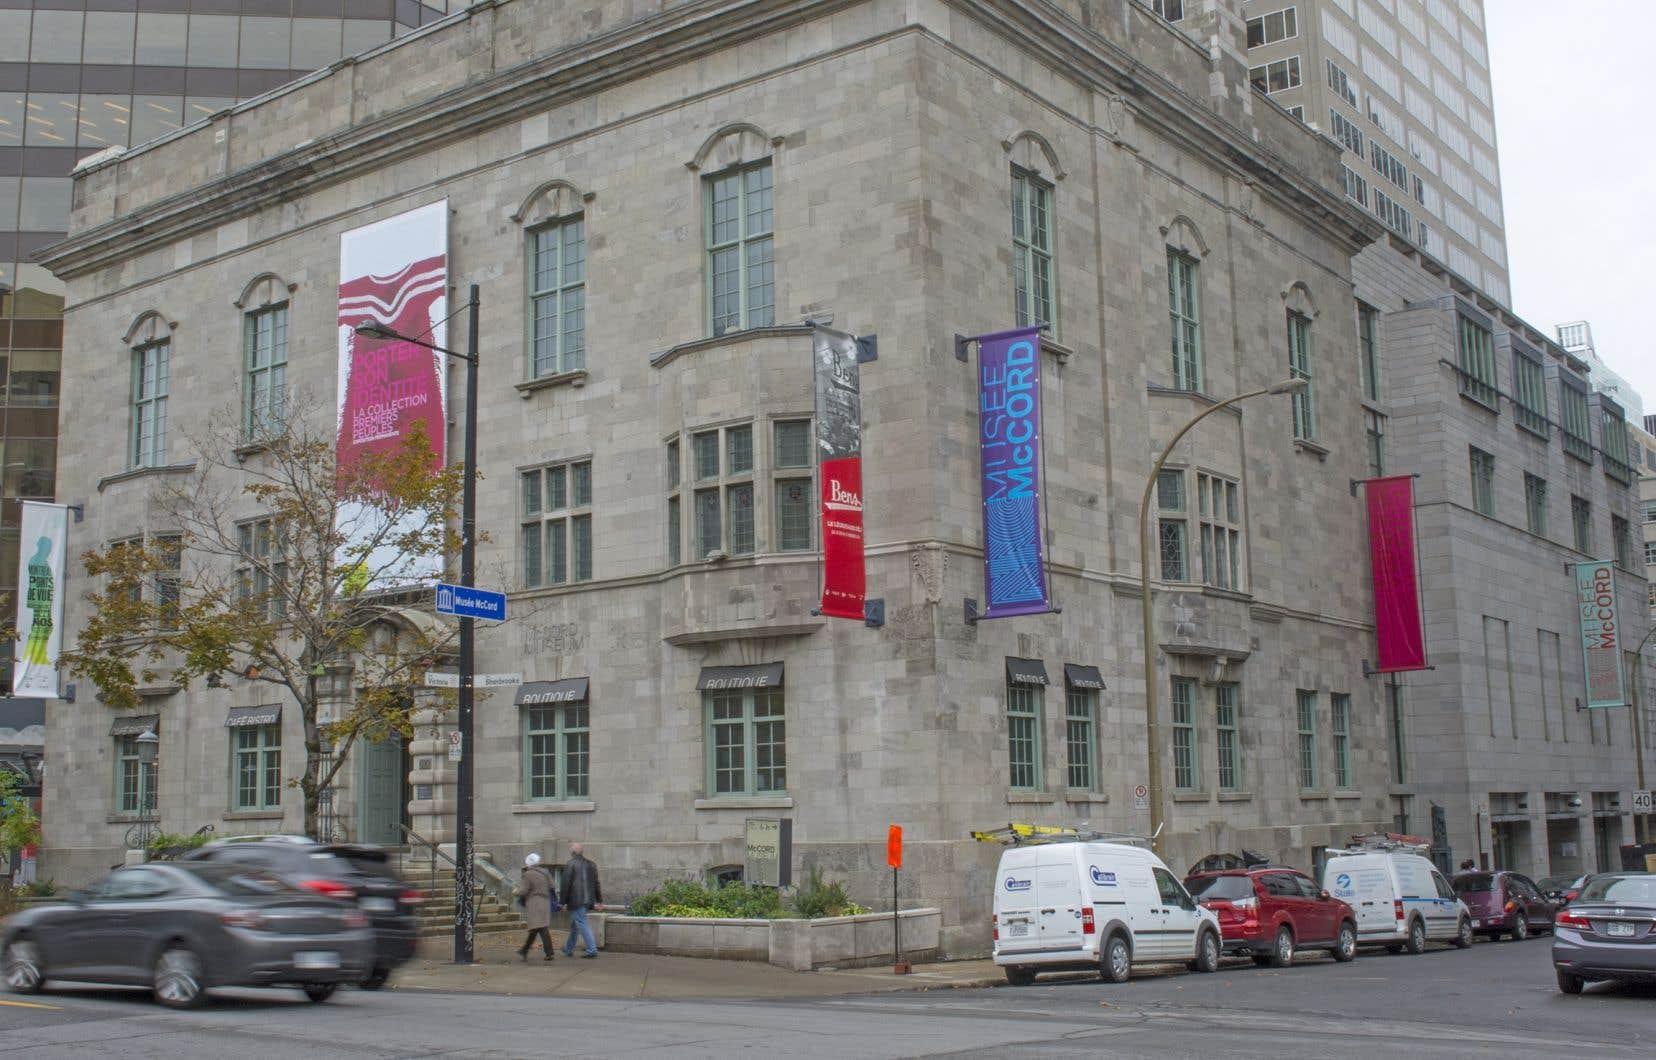 Montréal est une ville reconnue dans le milieu de la mode et nous pouvons affirmer haut et fort que le Musée McCord est un pilier essentiel de ce secteur névralgique tant au Québec qu'au Canada, souligne les auteurs.